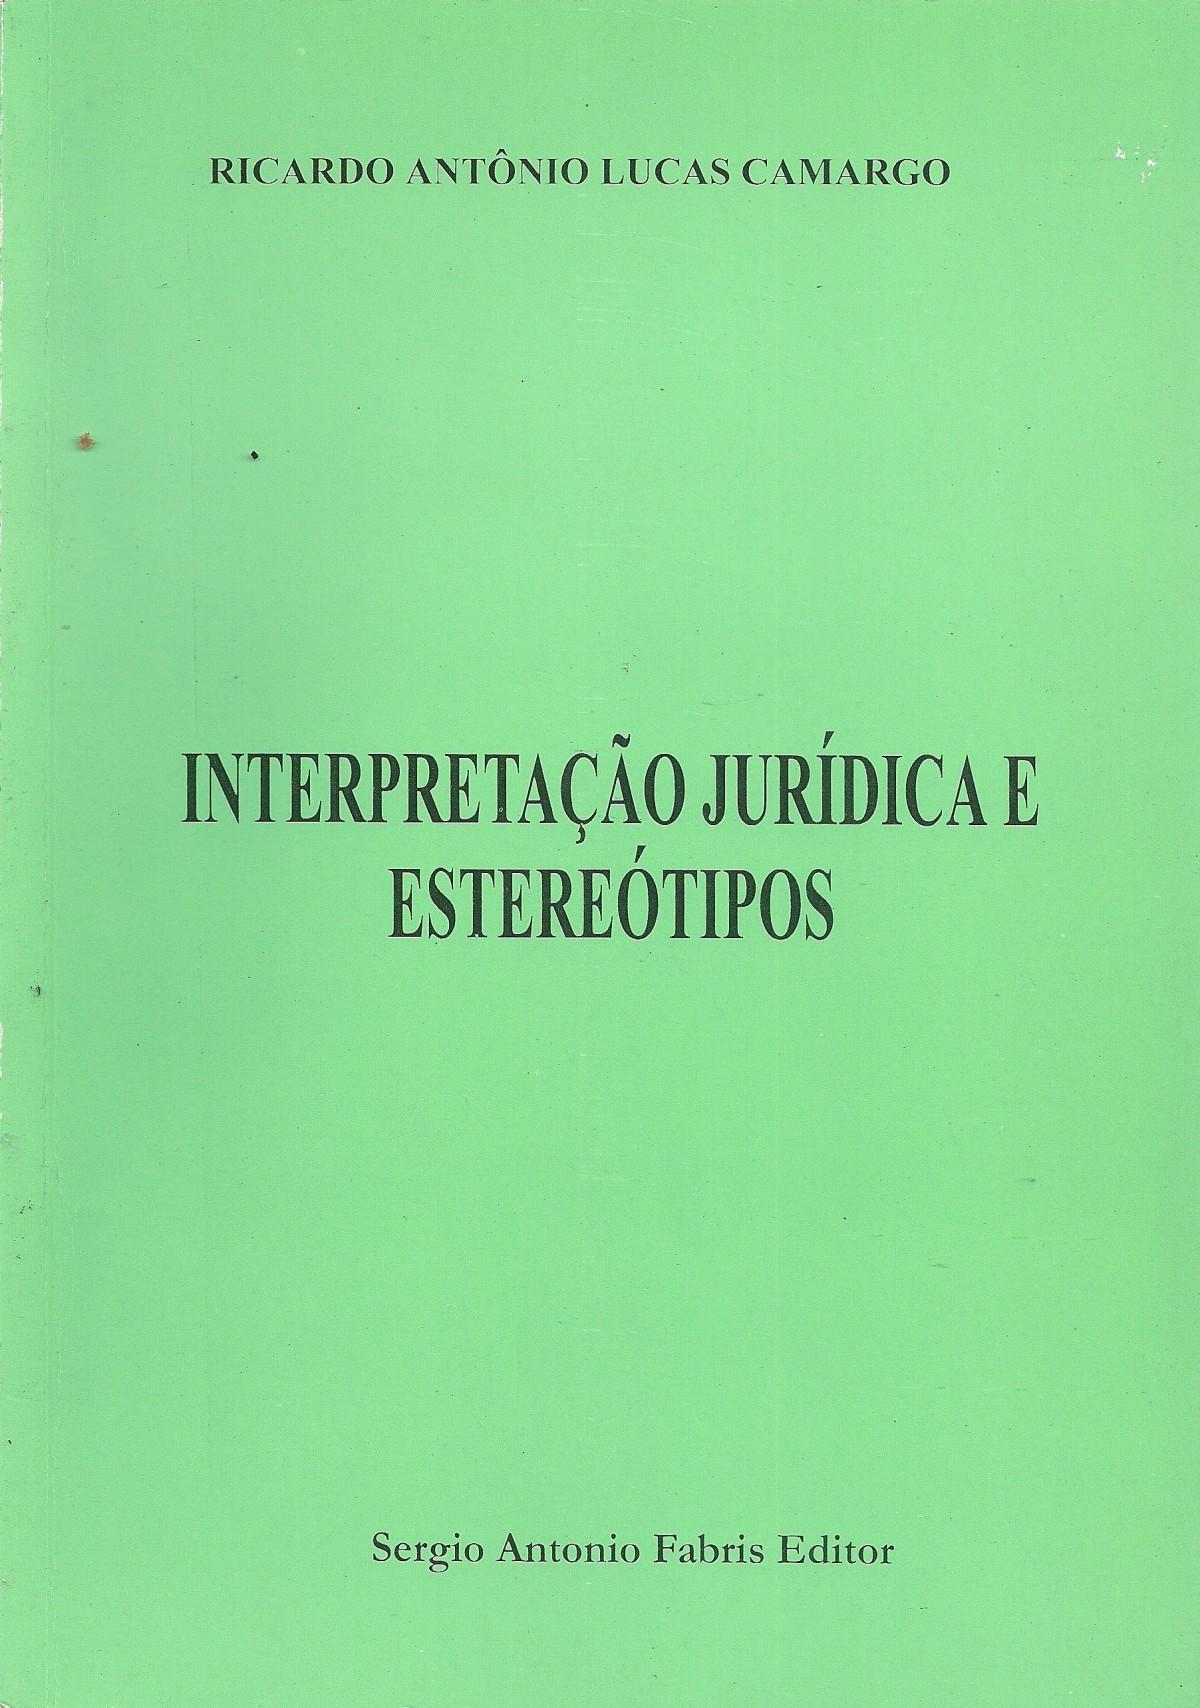 Foto 1 - Interpretação Jurídica e Esteriótipos